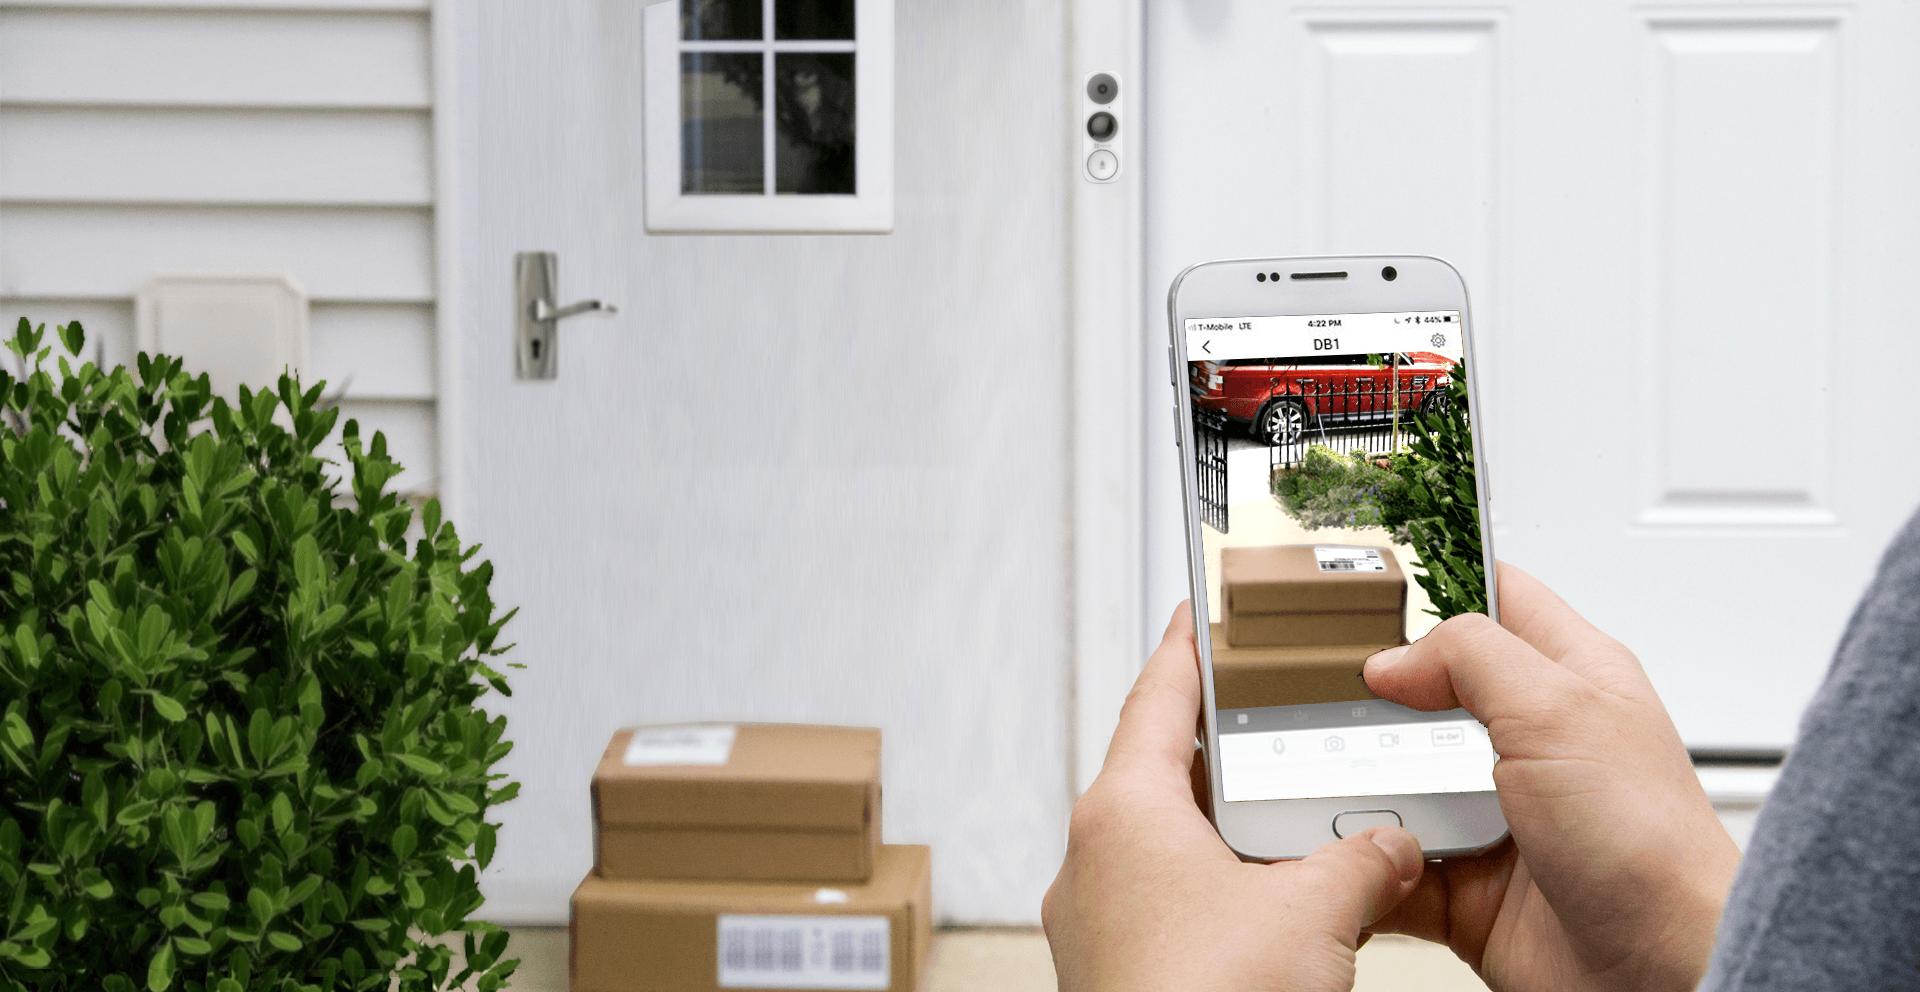 EZVIZ deurbel, slimme deurbellen, deurbel met camera, wifi deurbel